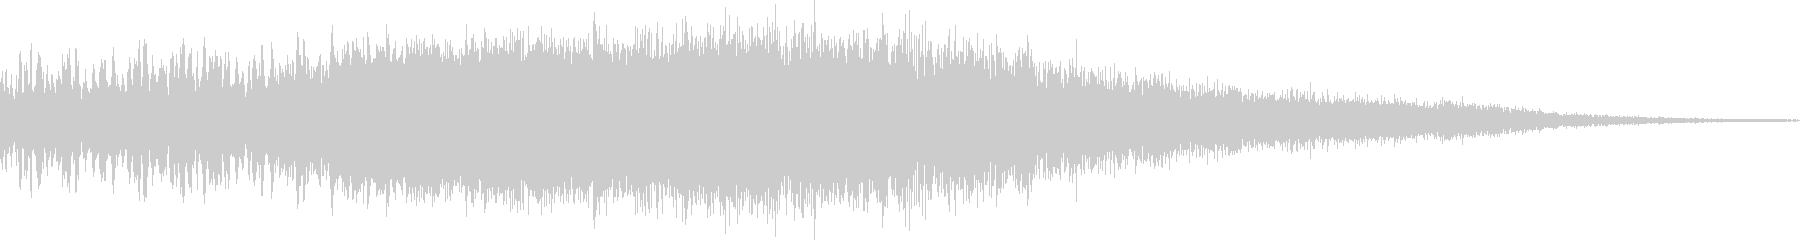 AMGアナログFX 11の未再生の波形